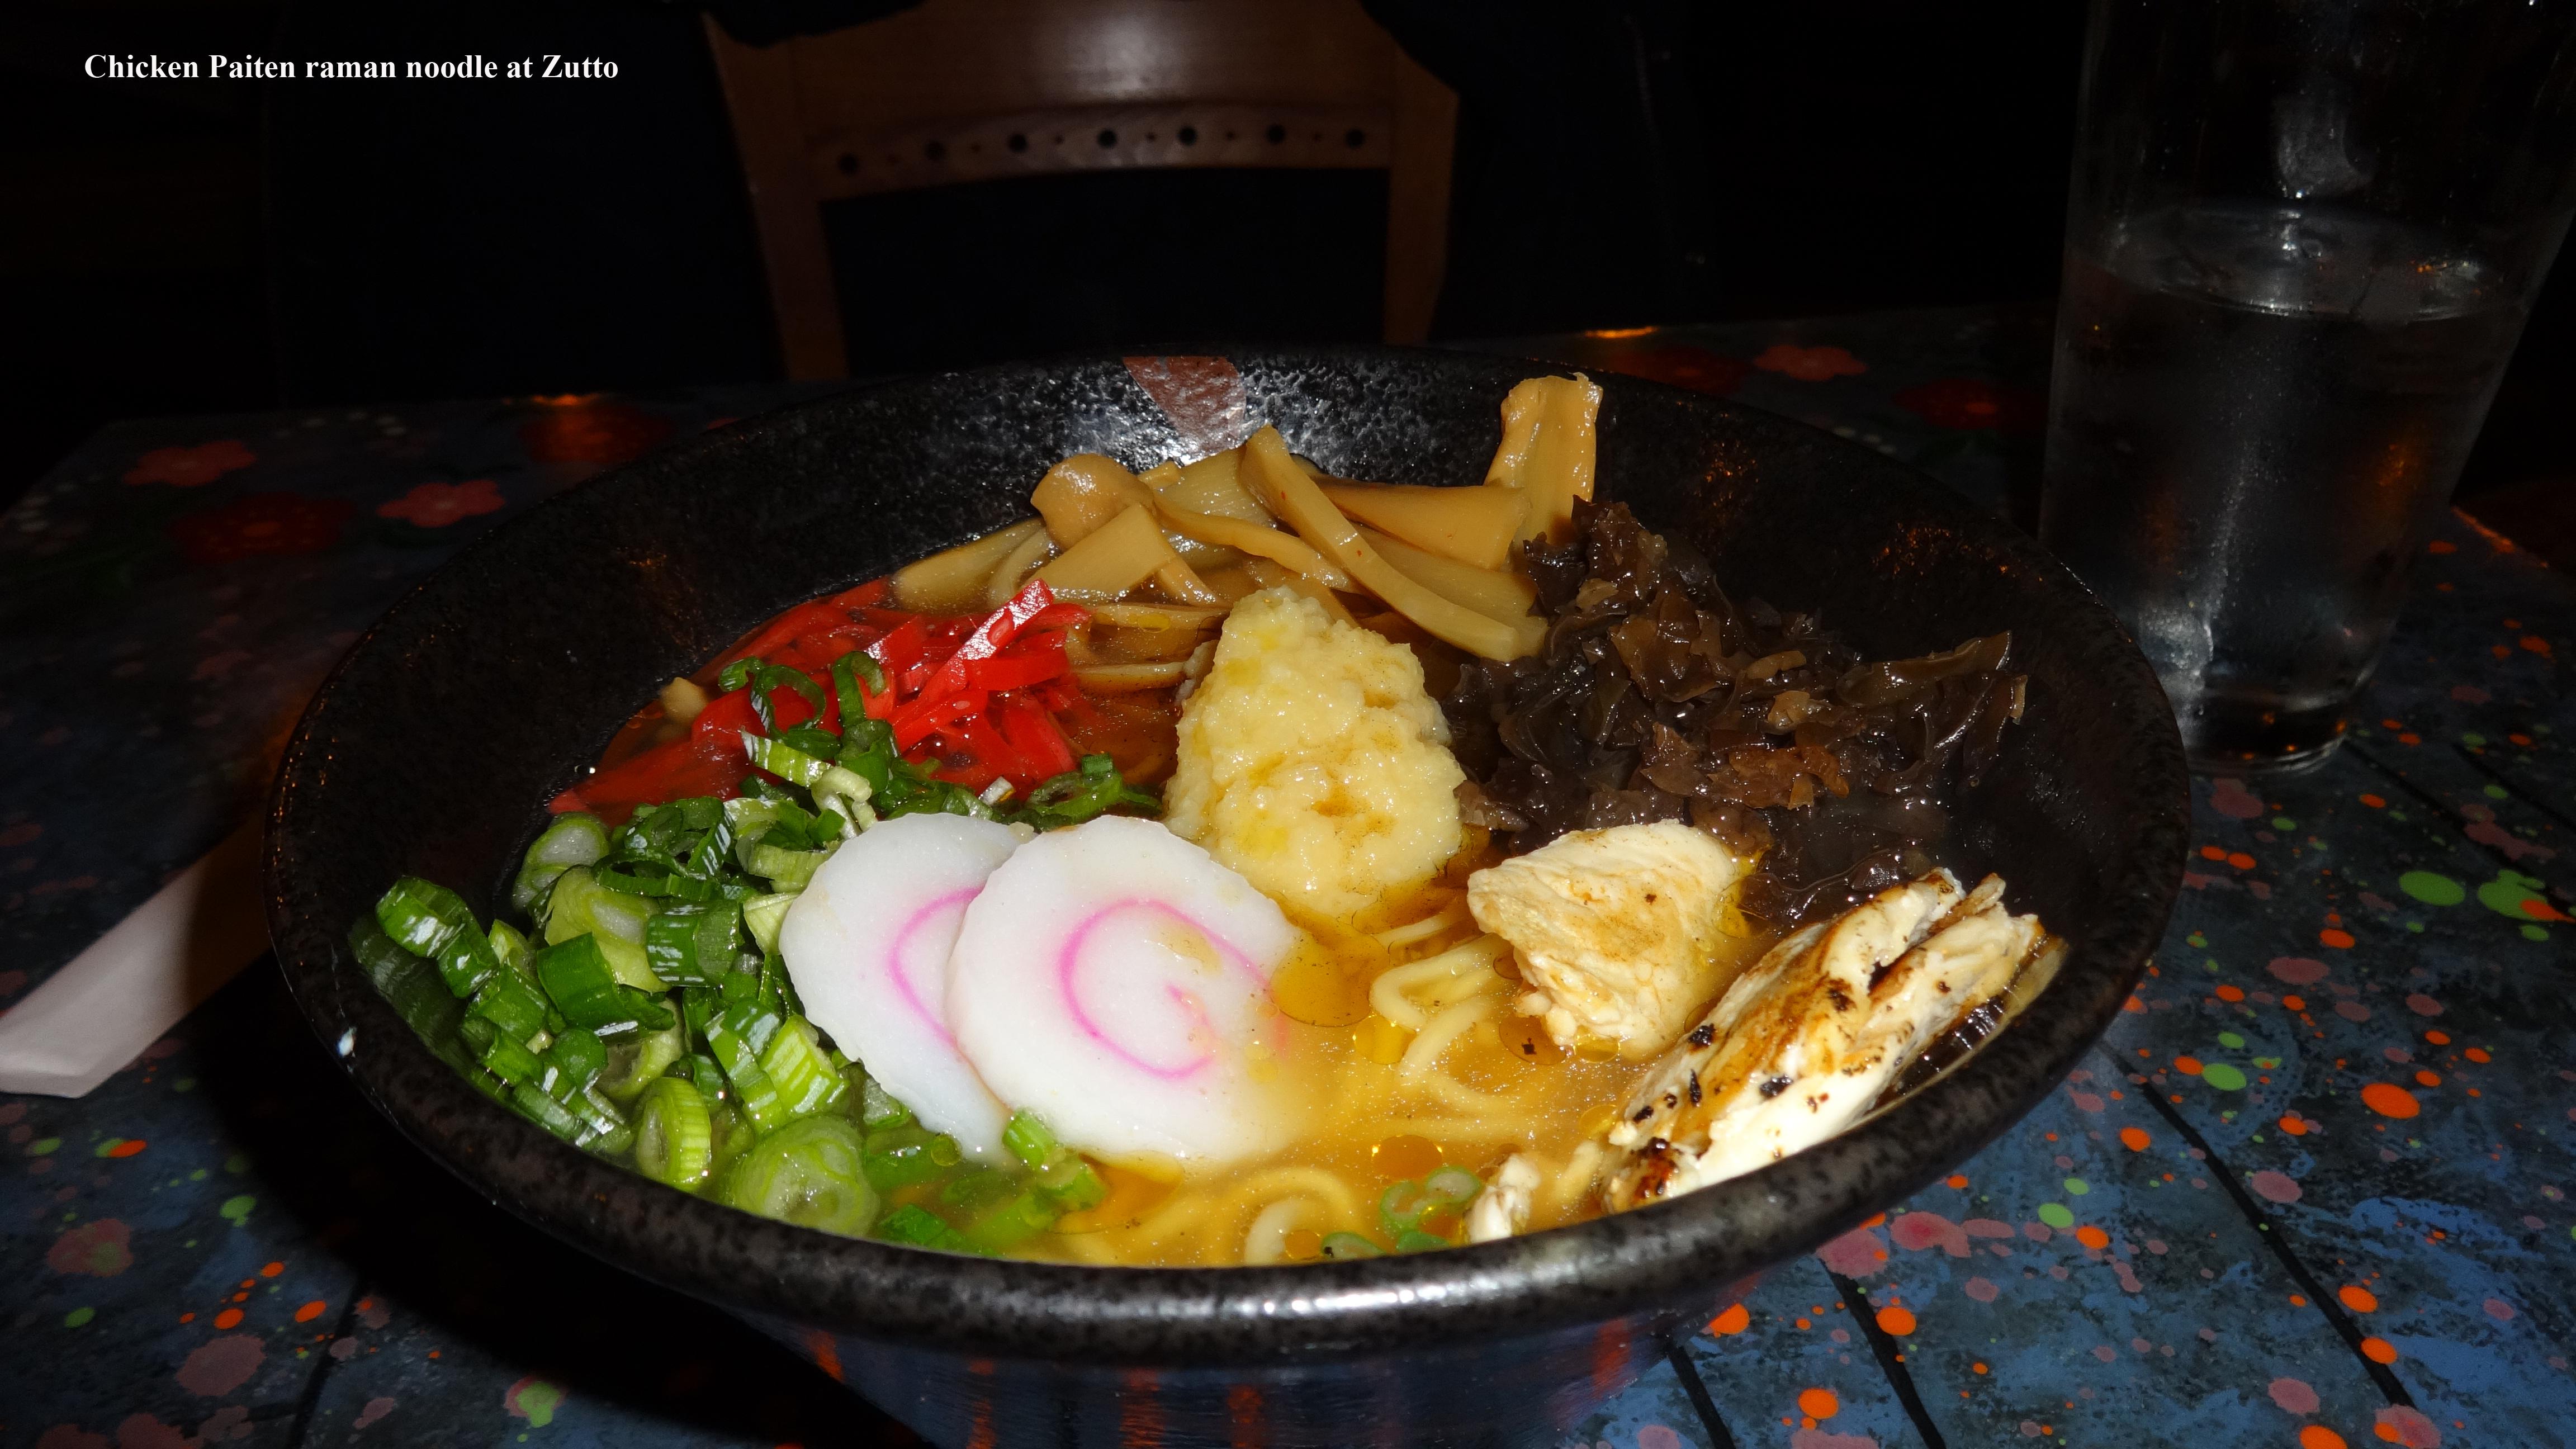 Zutto chicken ramen noodle